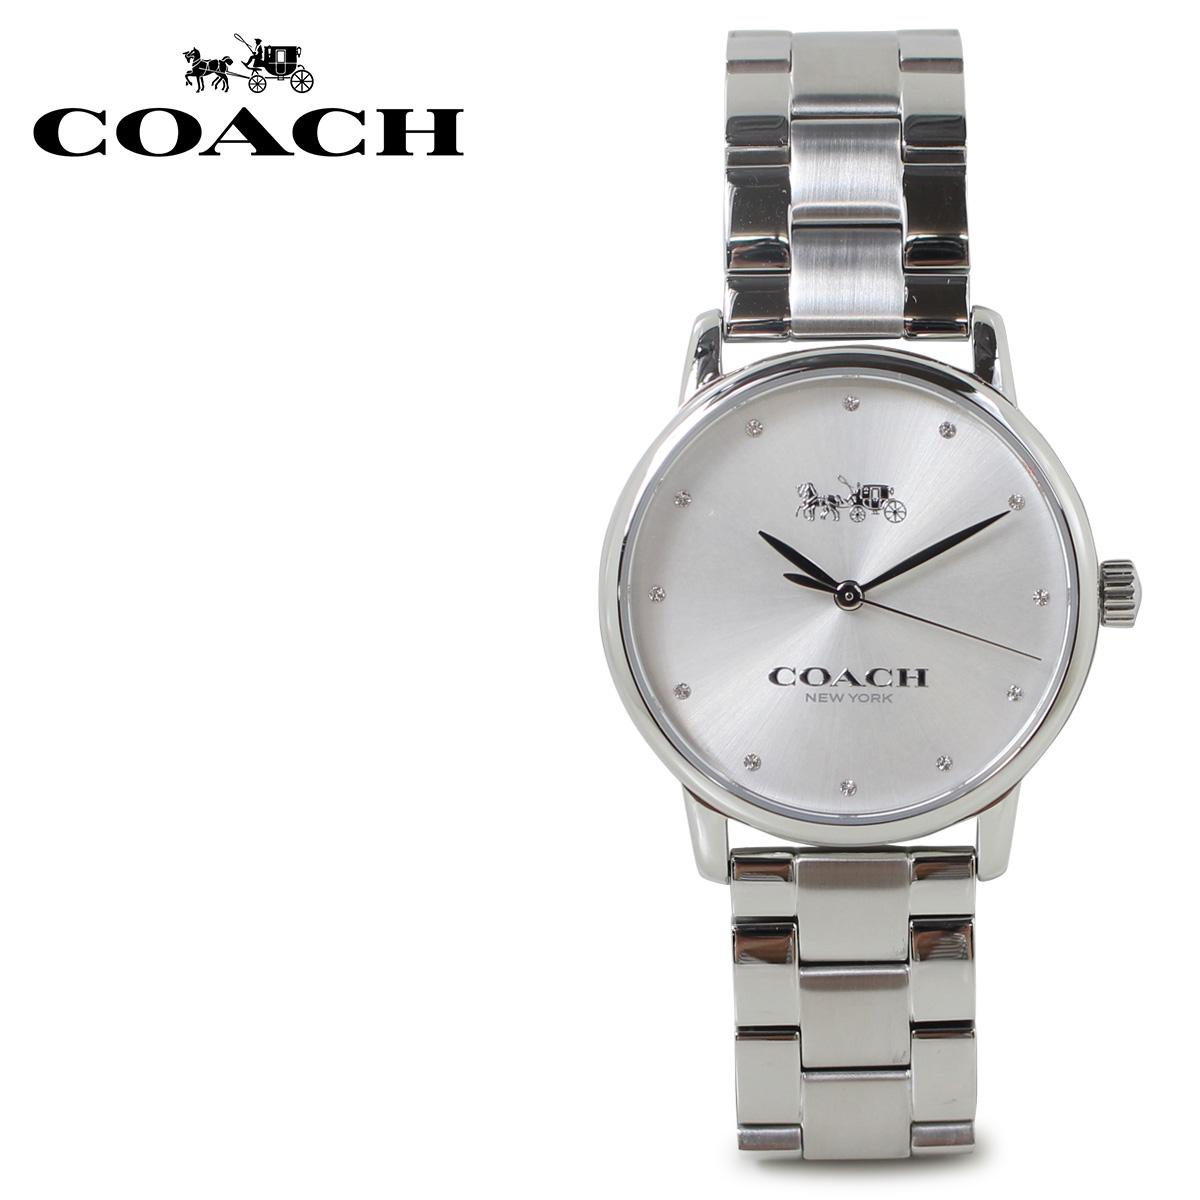 【通販激安】 コーチ 14502926 レディース COACH 腕時計 レディース 腕時計 シルバー 14502926, オリジナルグッズ ファインピース:f6c683db --- canoncity.azurewebsites.net